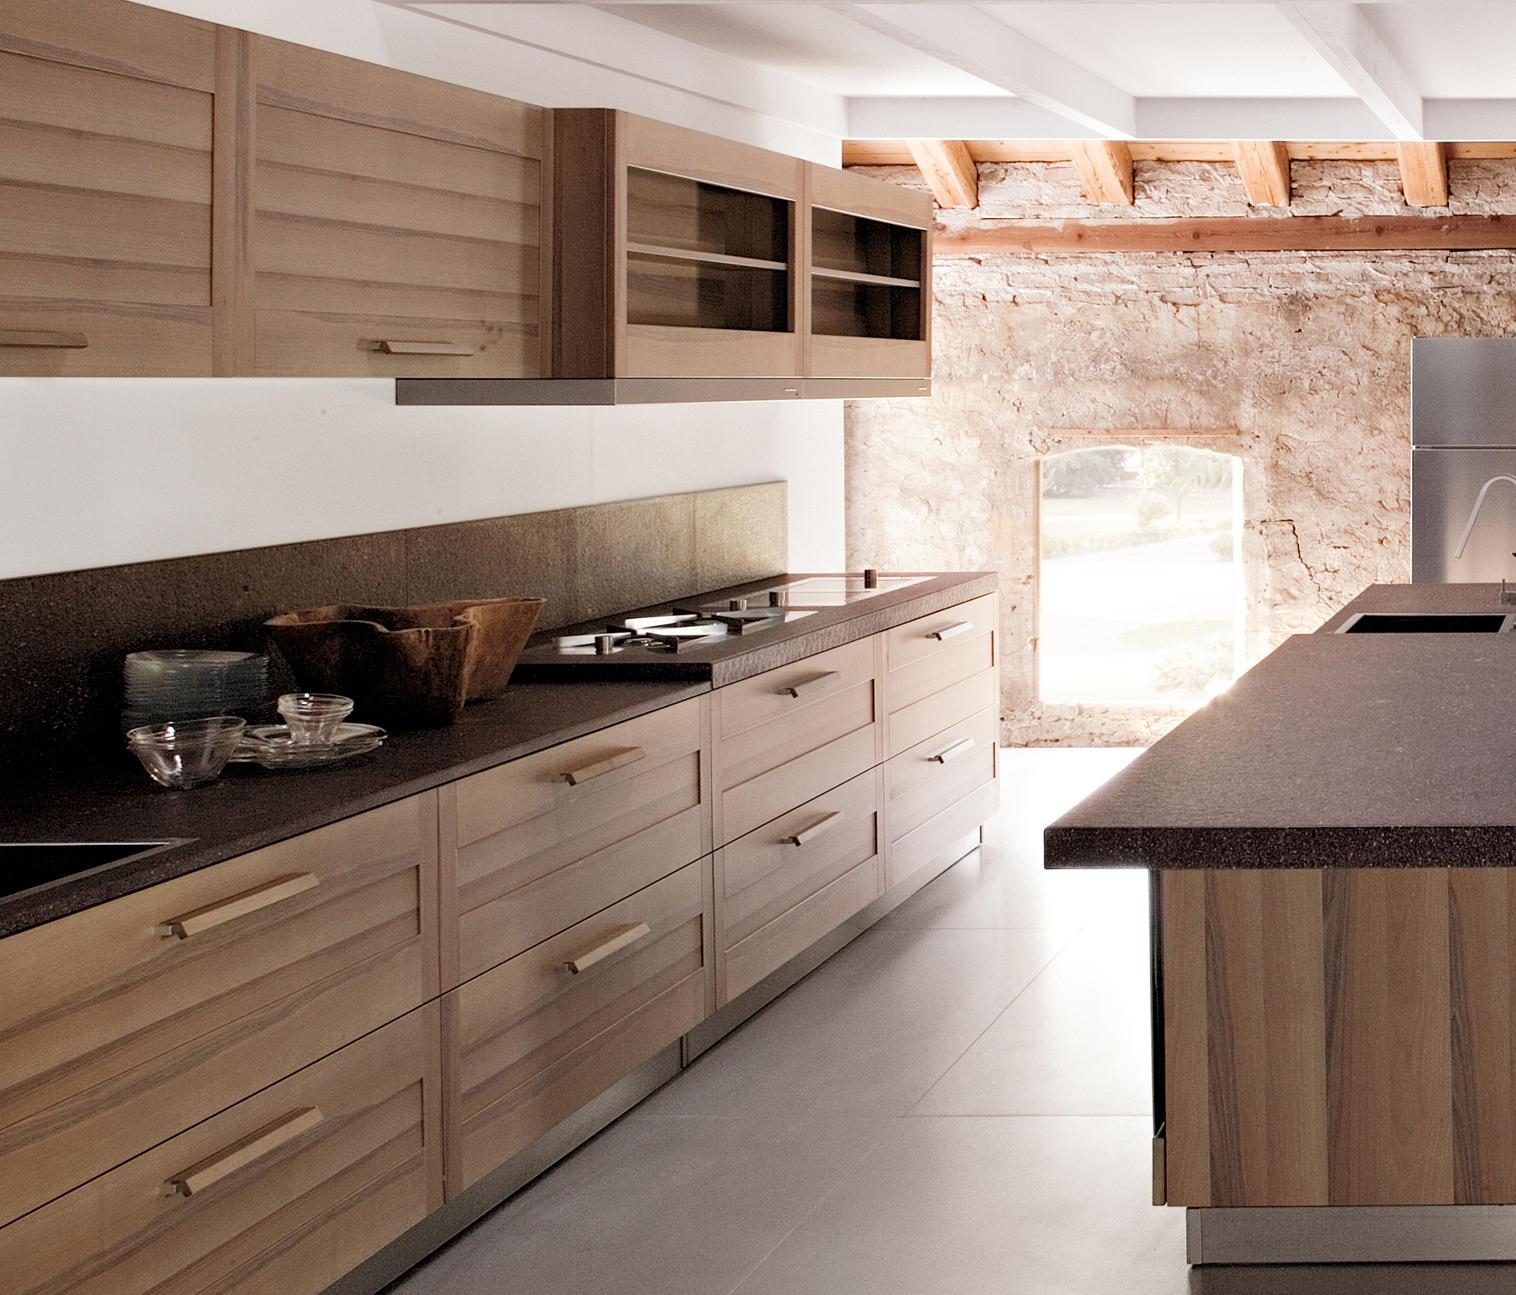 Fiamma cucina cucine a parete ged arredamenti srl for Profili arredamenti